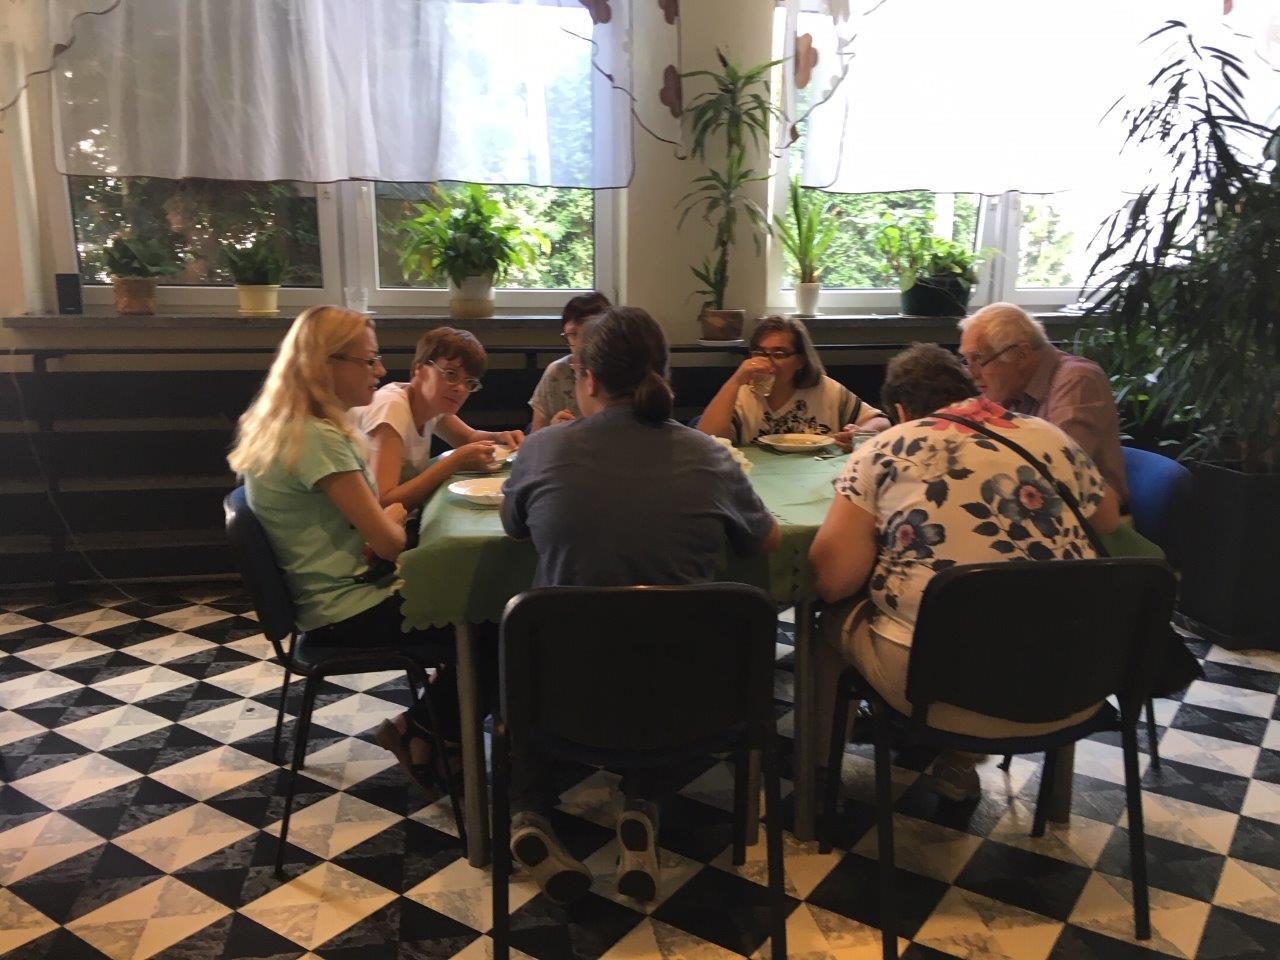 Zjazdowicze podczas posiłku w jadalni z charakterystyczną biało-czarną podłogą w stylu szachownicy, siedzący przy kilkuosobowym stole przy oknie z gładkimi białymi firankami